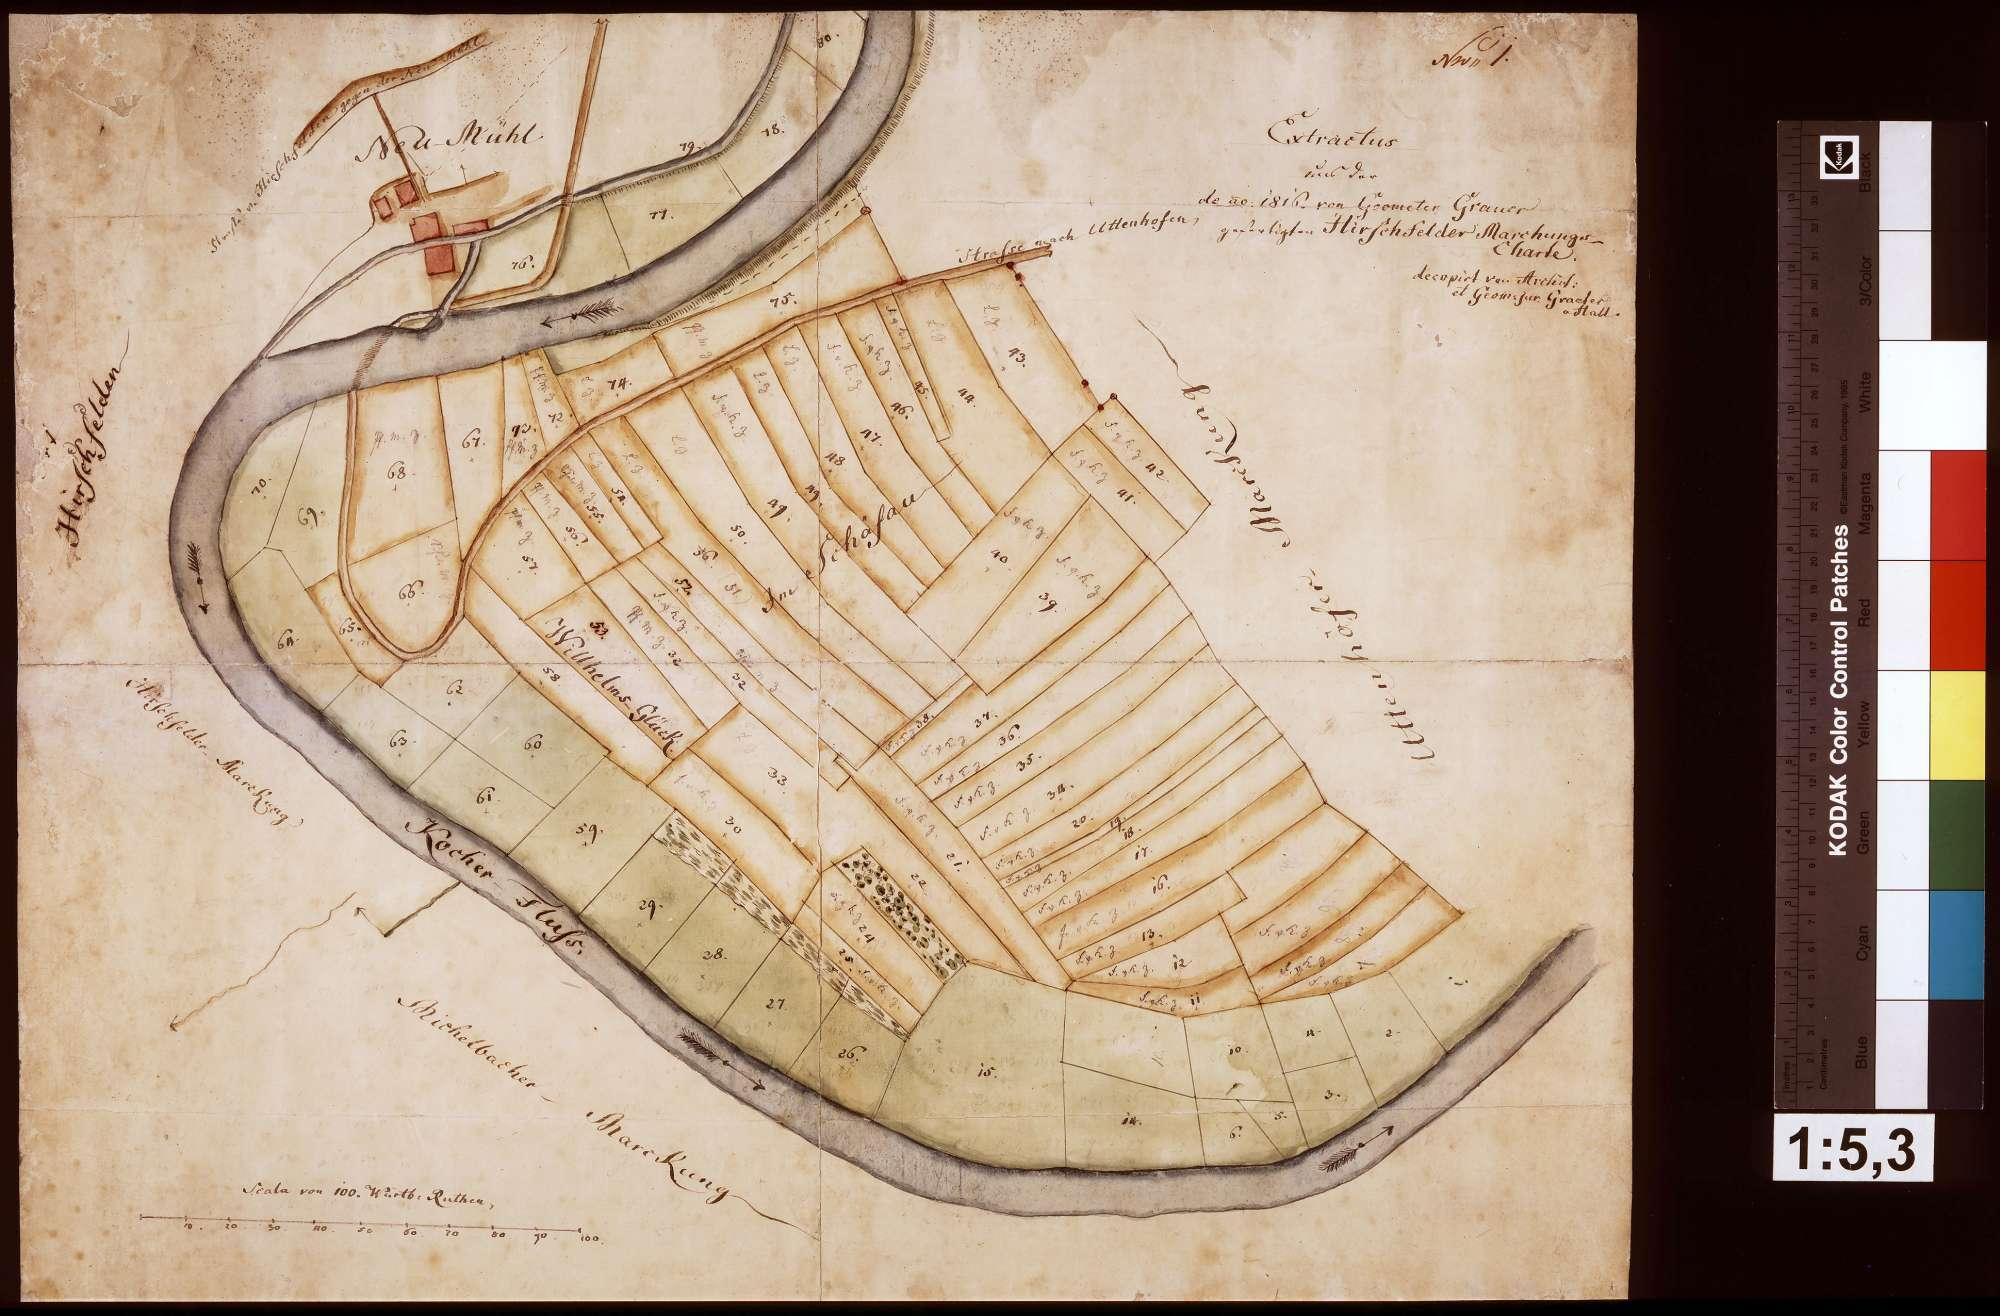 Auszug aus der Hirschfelder Gemarkungskarte, Bild 1